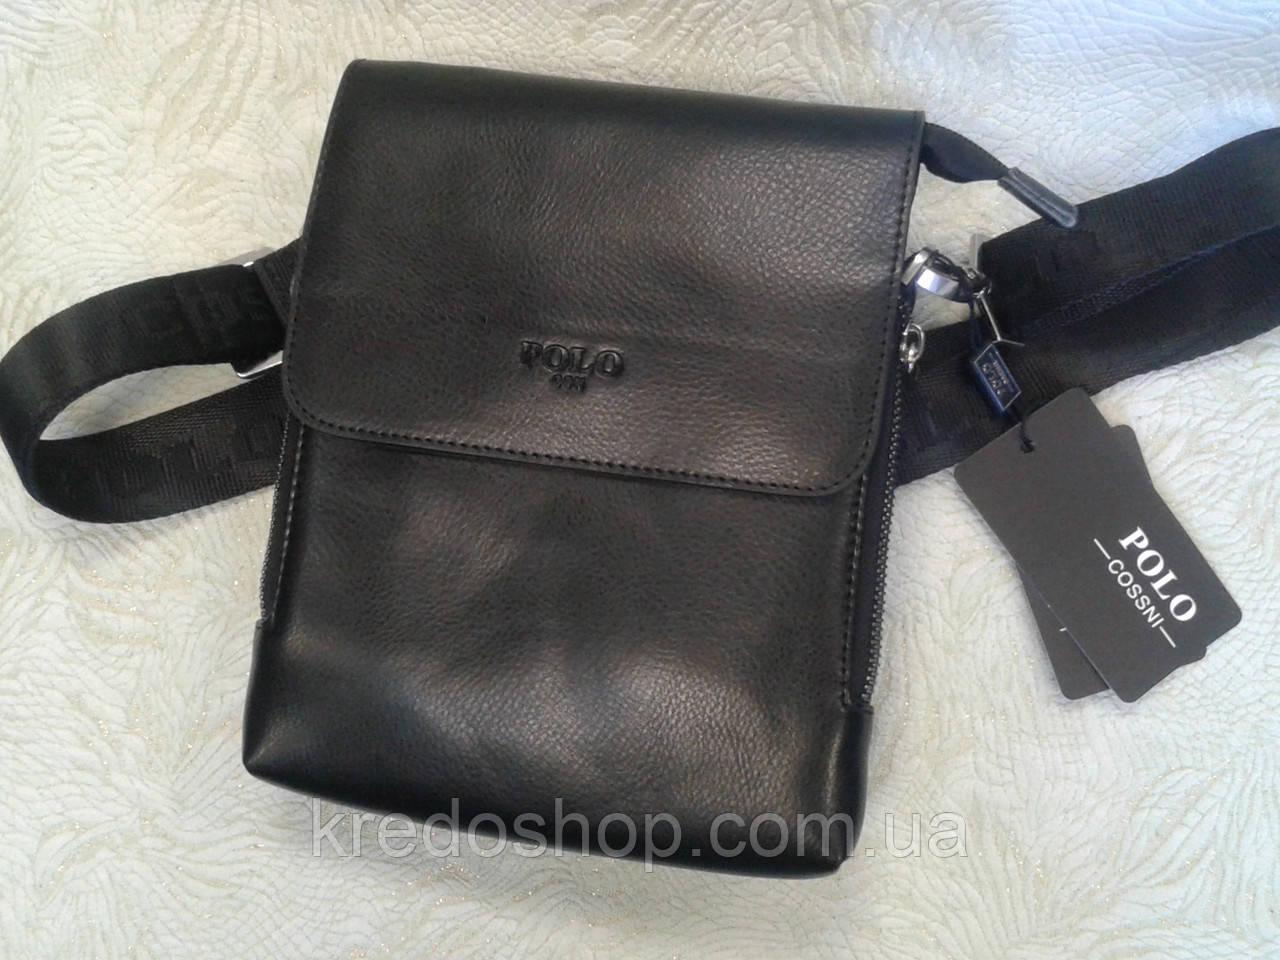 74cbd099b593 Сумка мужская на плечо черная стильная POLO : продажа, цена в Кривом ...